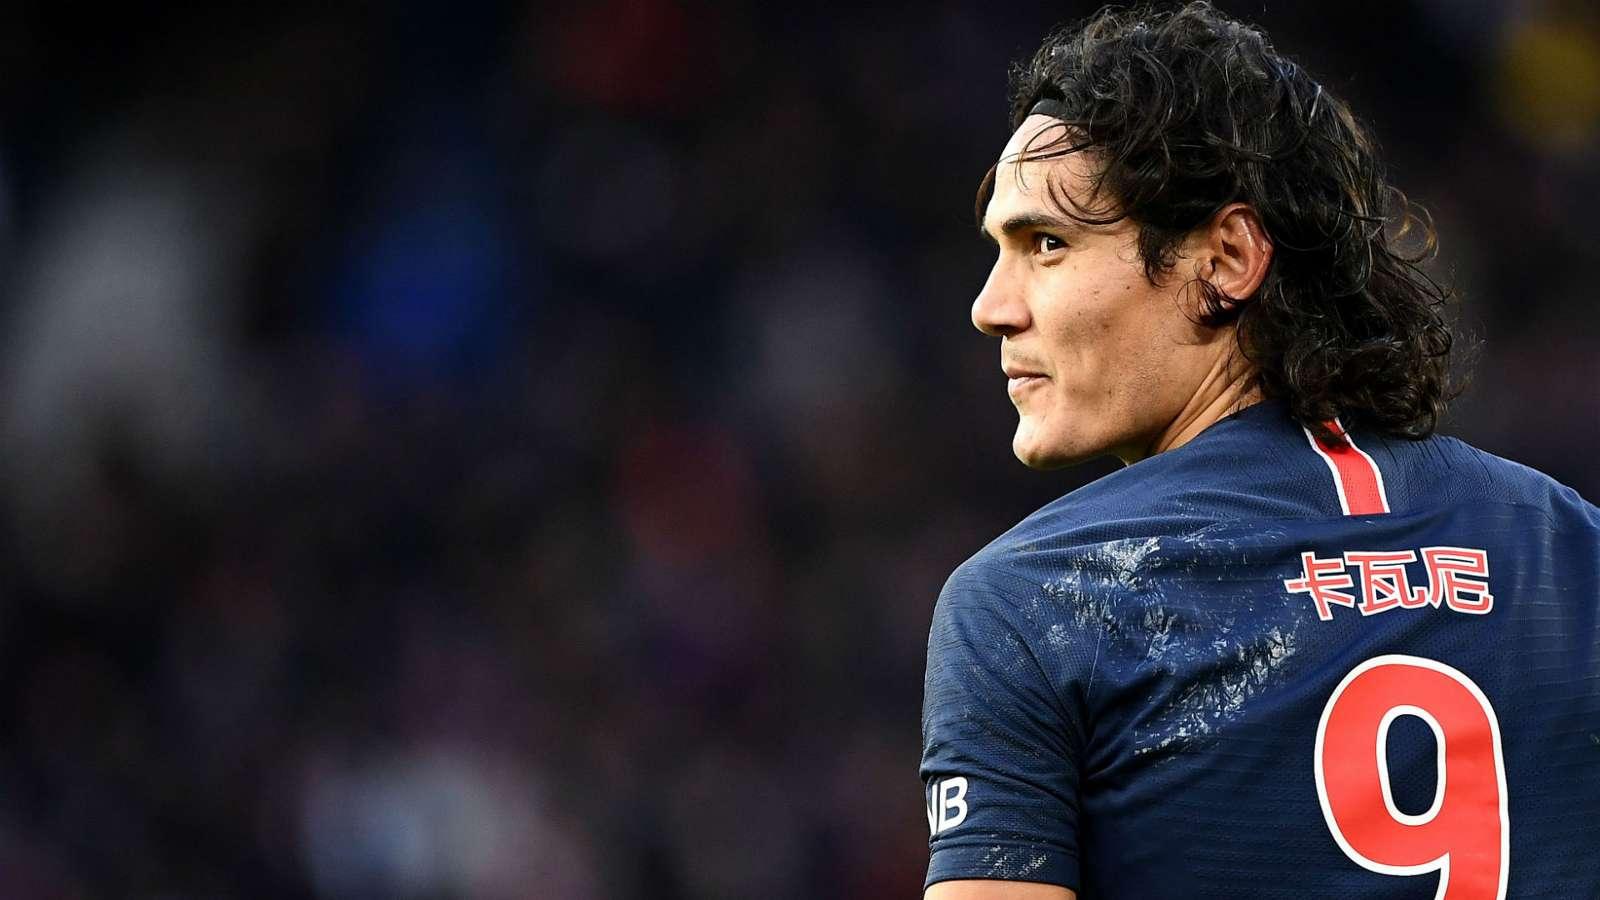 Paris gagne face à Bordeaux mais perd Cavani sur blessure (1-0)